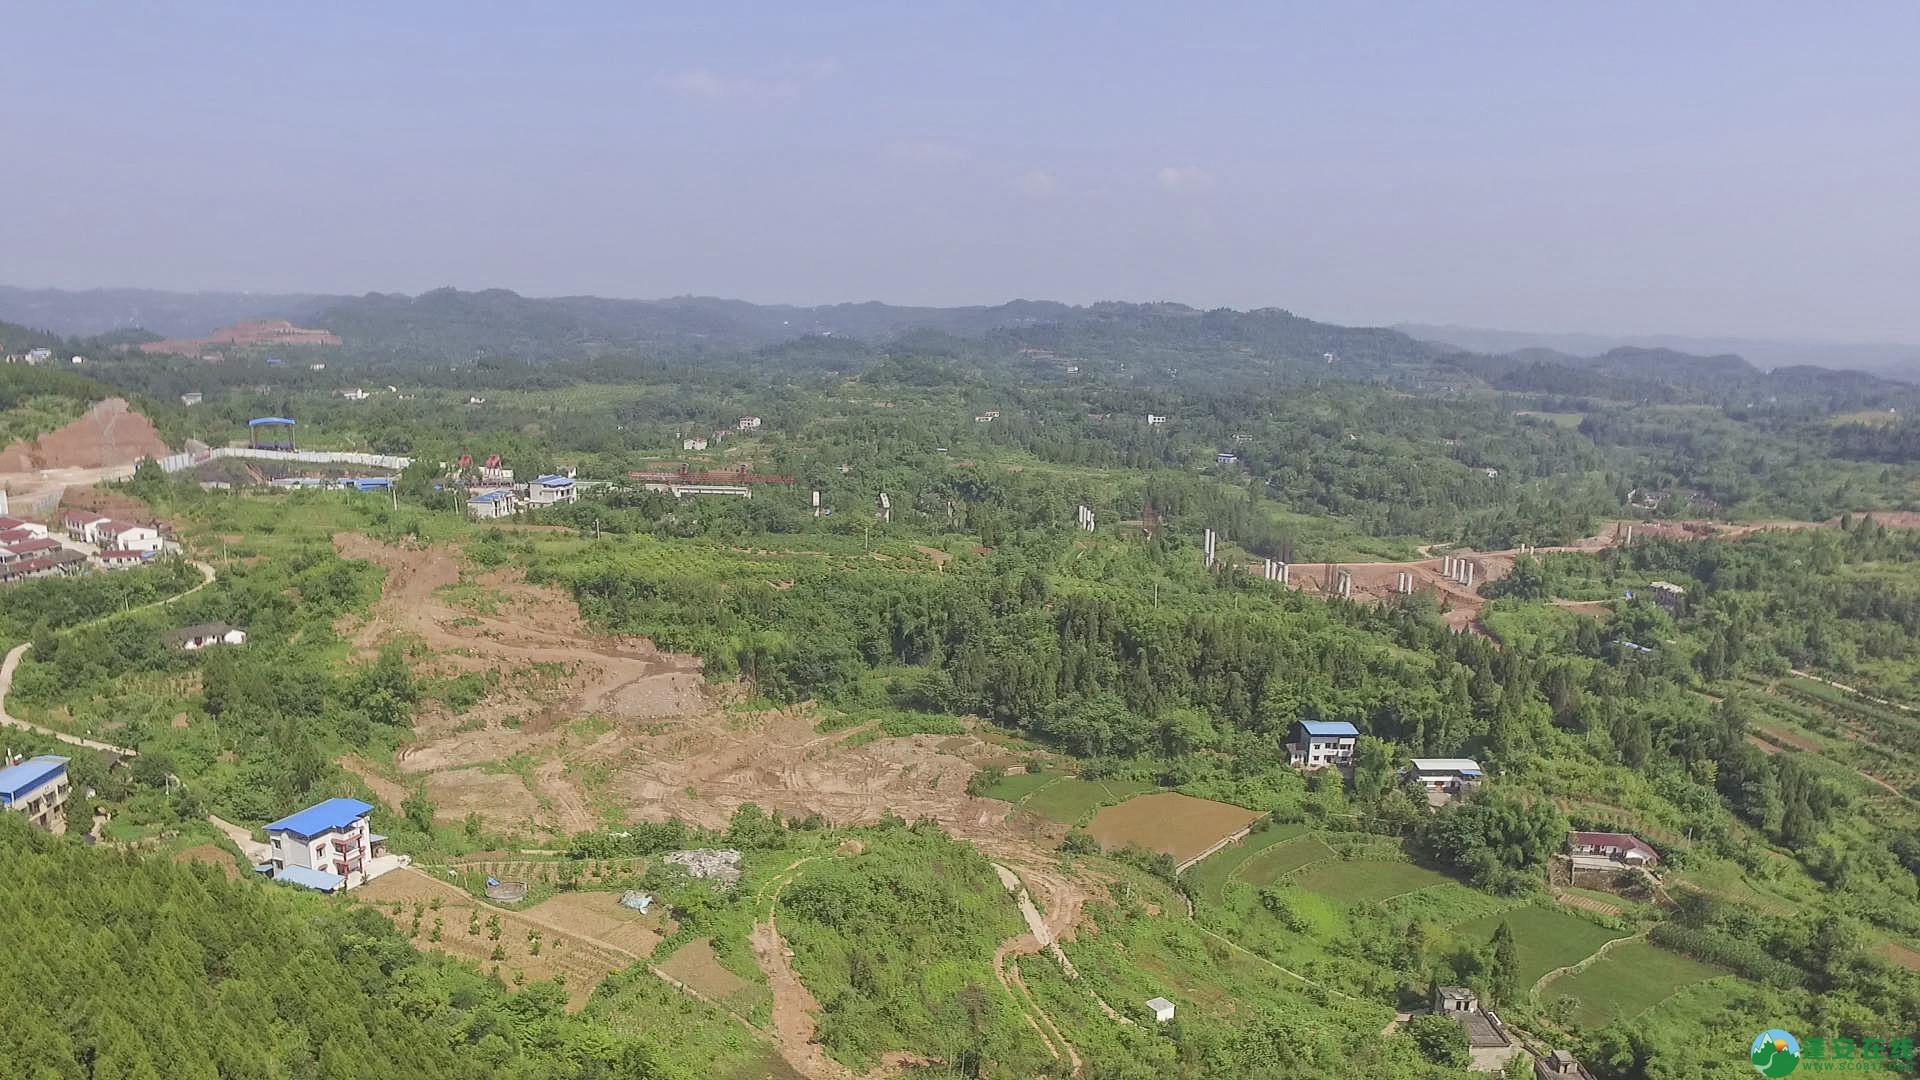 蓬安锦屏段S305省道改线工程进展 - 第16张  | 蓬安在线